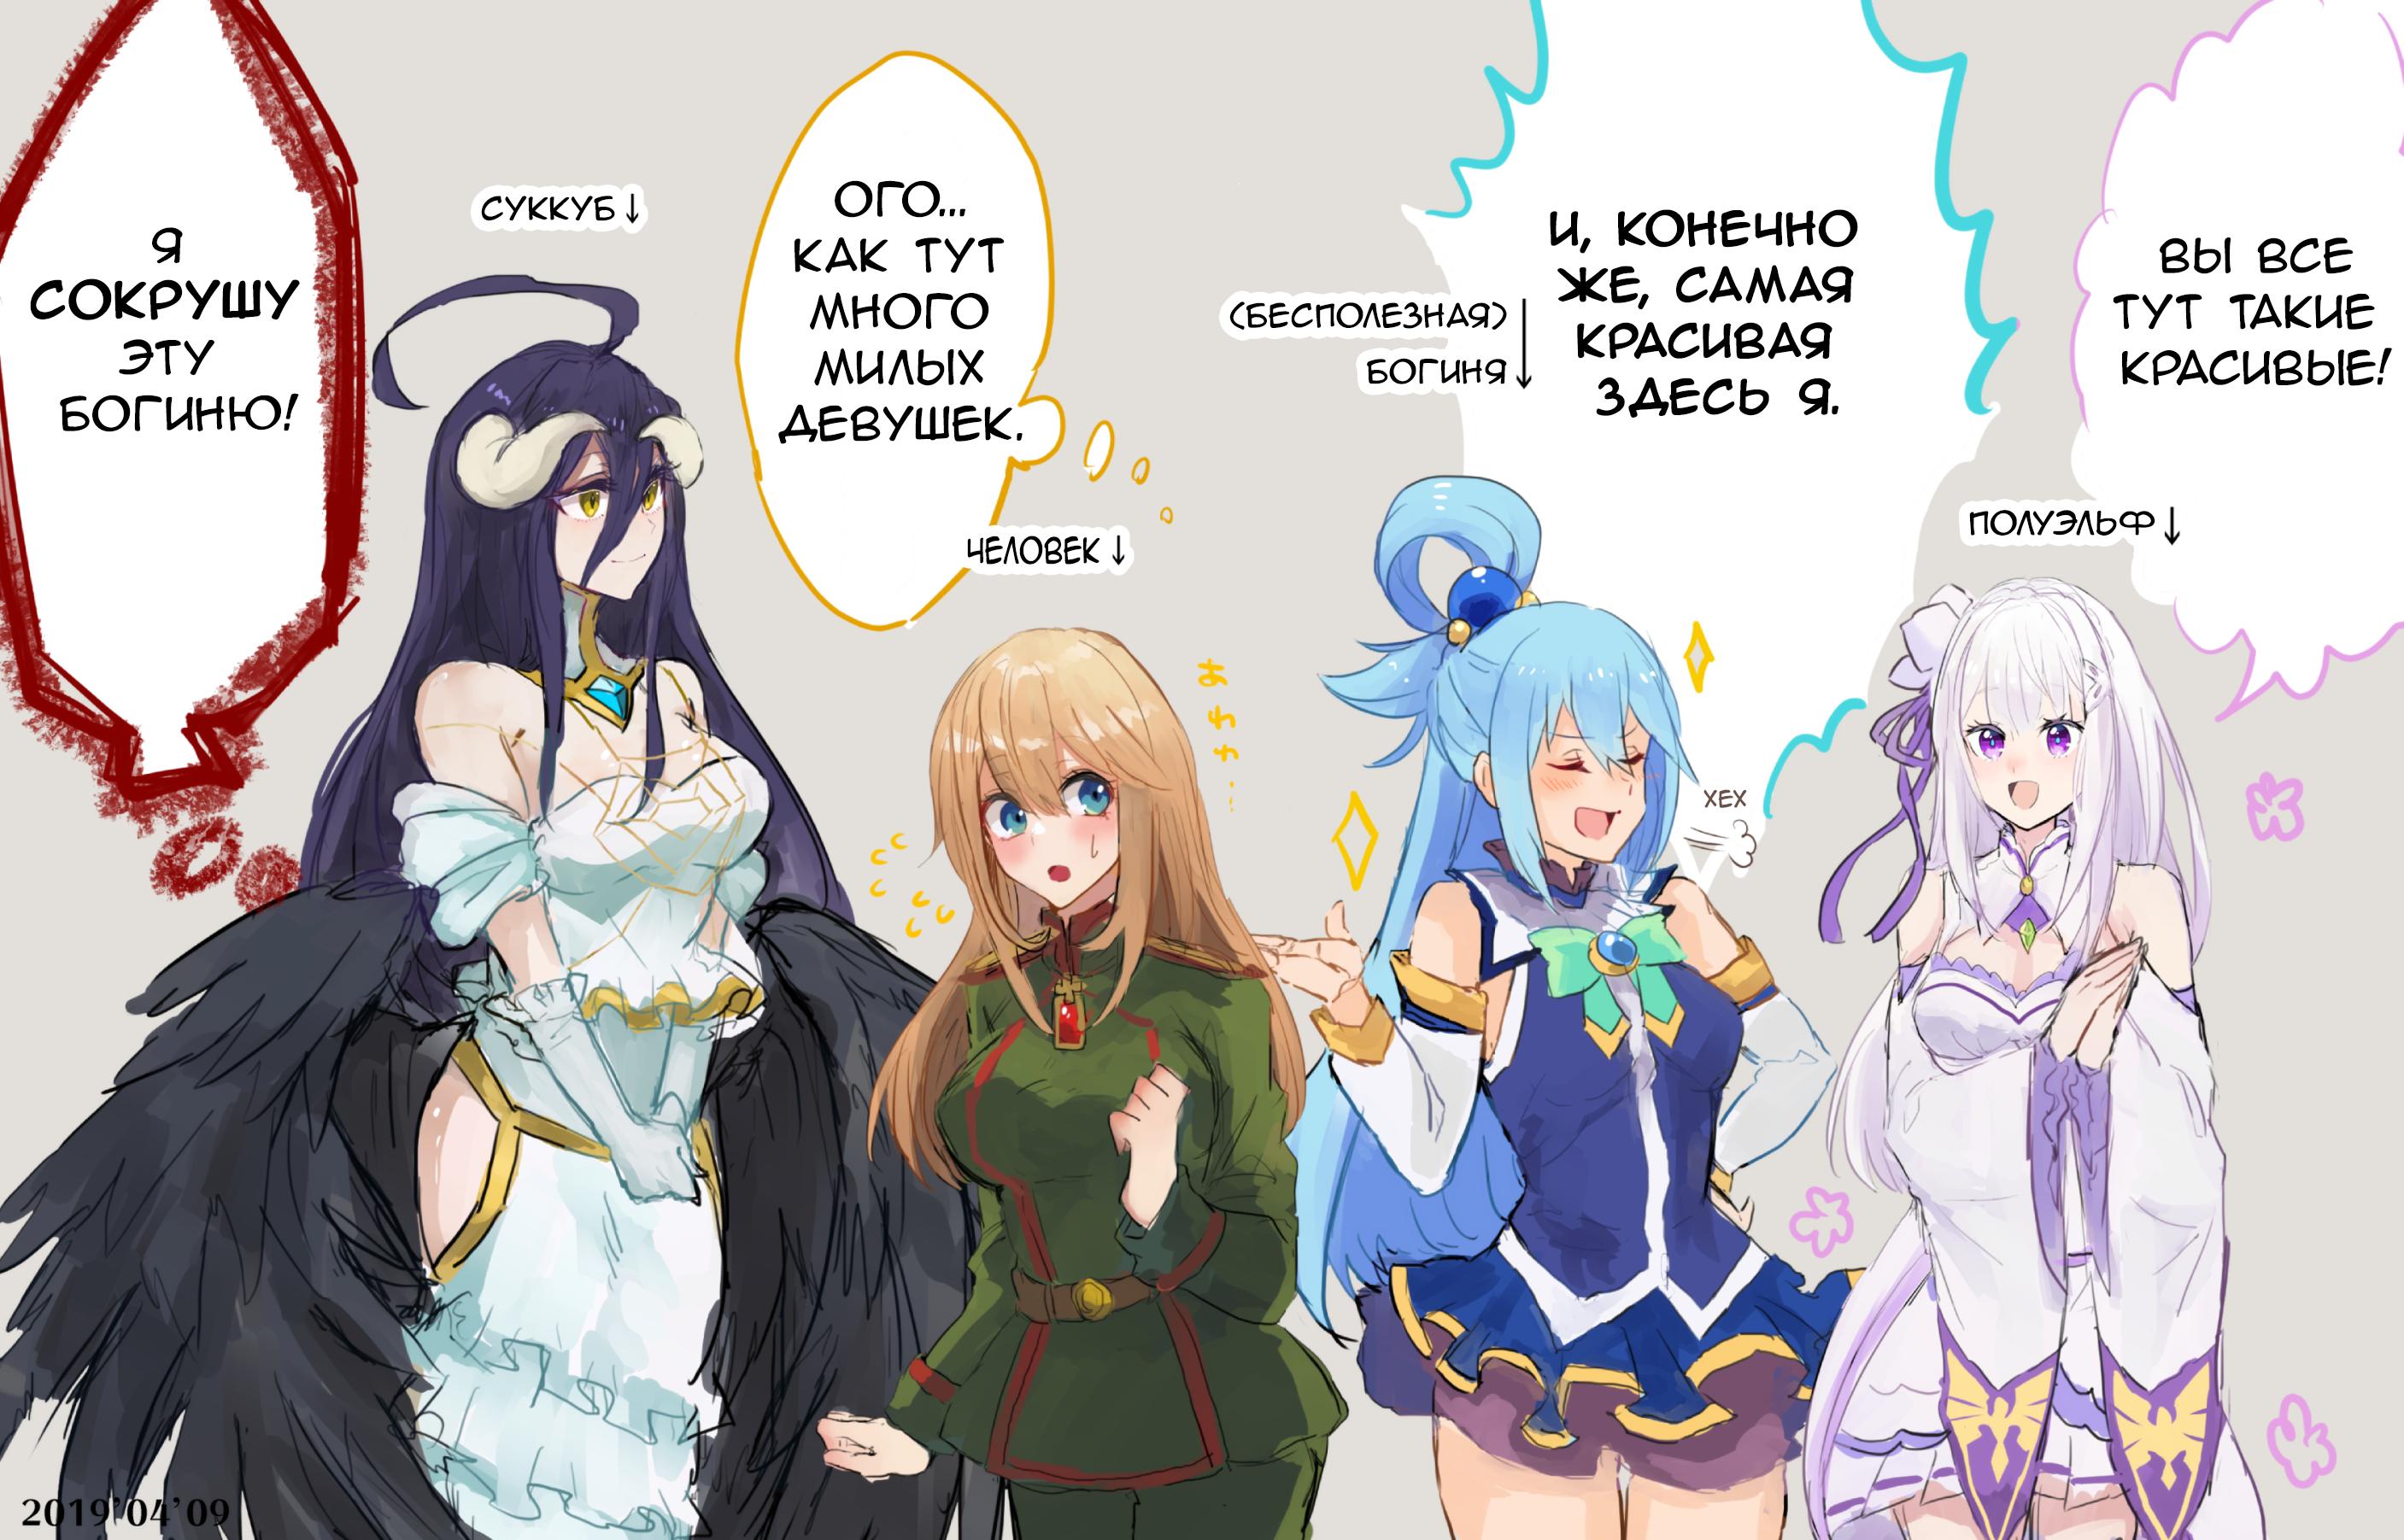 Сходка исекайных девушек